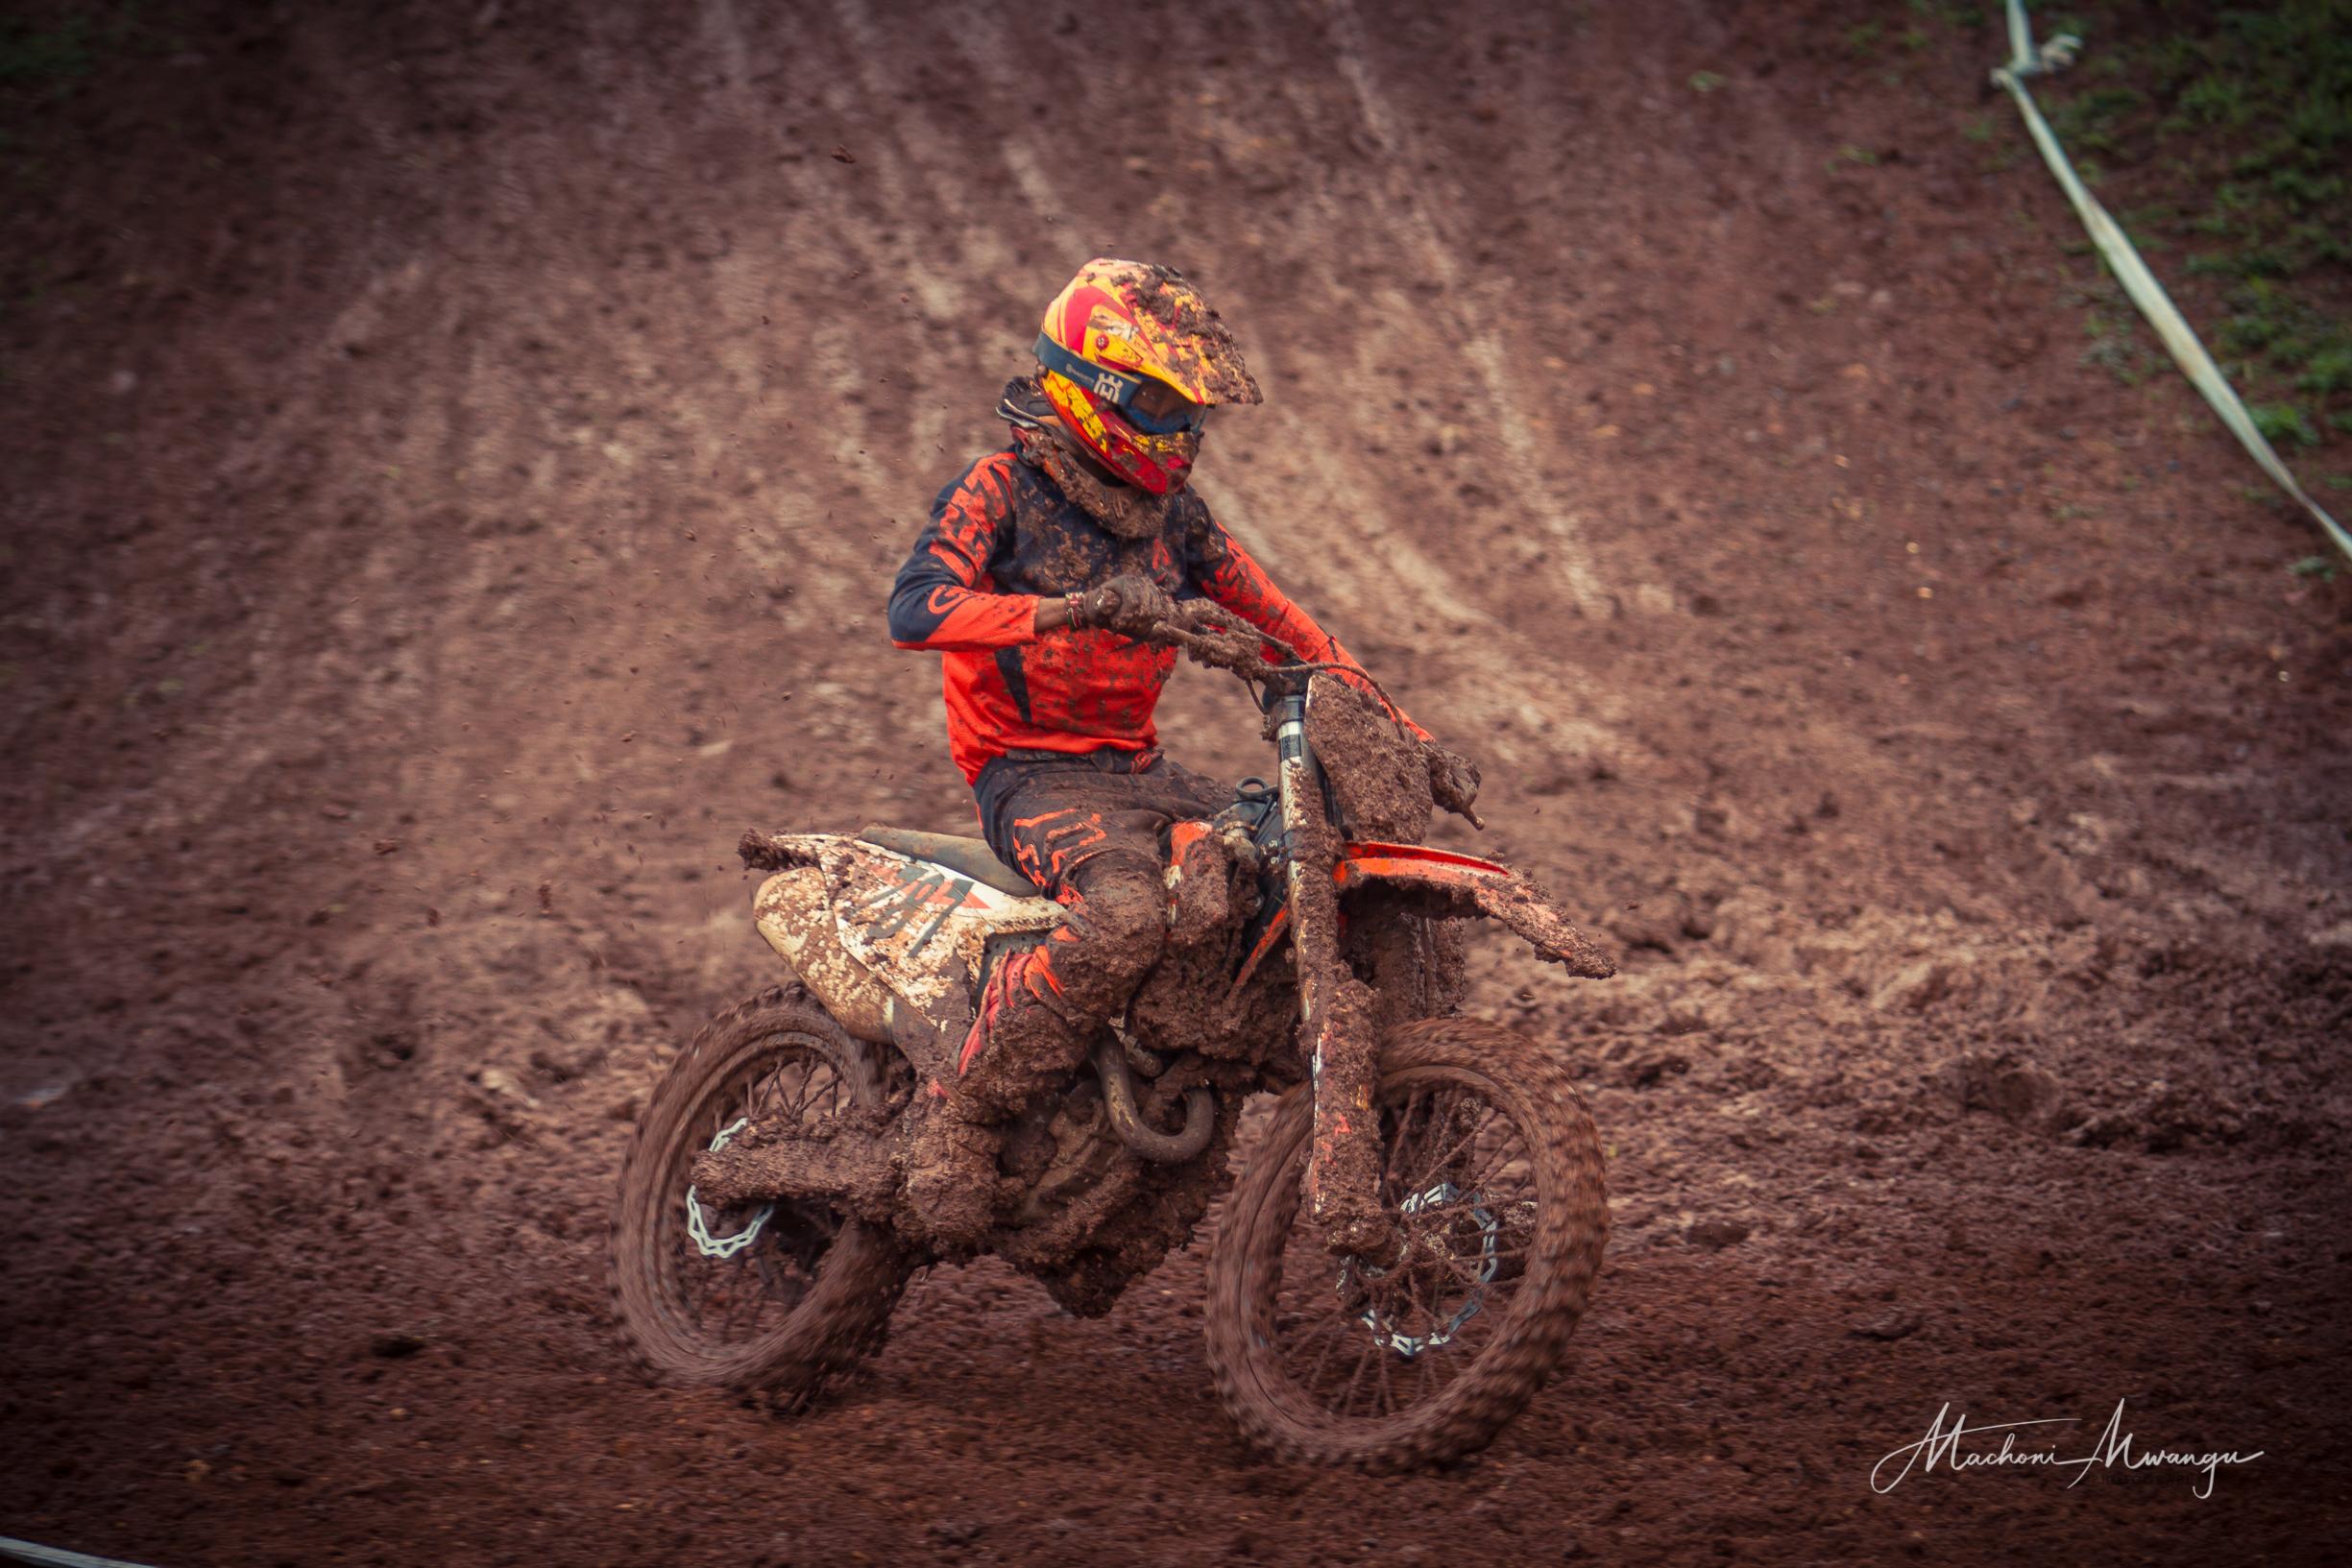 Motocross 787-1-3.jpg